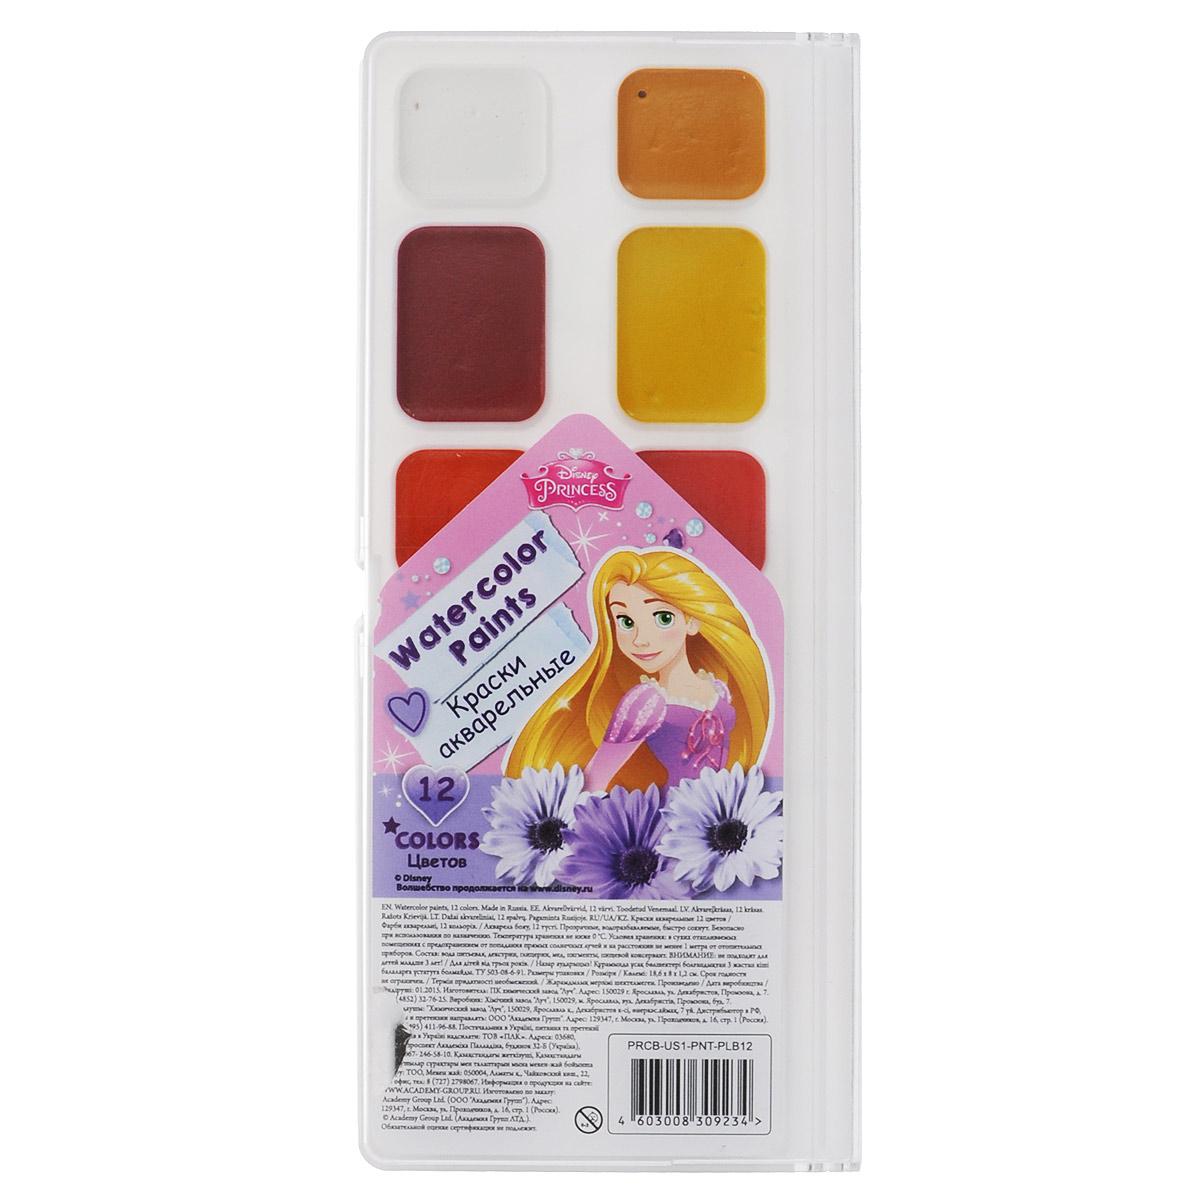 Краски акварельные Princess, 12 цветов. PRCB-US1-PNT-PLB12PRCB-US1-PNT-PLB12Акварельные краски Princess прекрасно подойдут для детского художественного творчества, изобразительных работ. Краски мягко ложатся на бумагу, легко смешиваются между собой, не крошатся и не смазываются. Набор содержит краски 12 ярких насыщенных цветов. В процессе рисования у детей развивается наглядно-образное мышление, воображение, мелкая моторика рук, творческие и художественные способности, вырабатывается усидчивость и аккуратность.